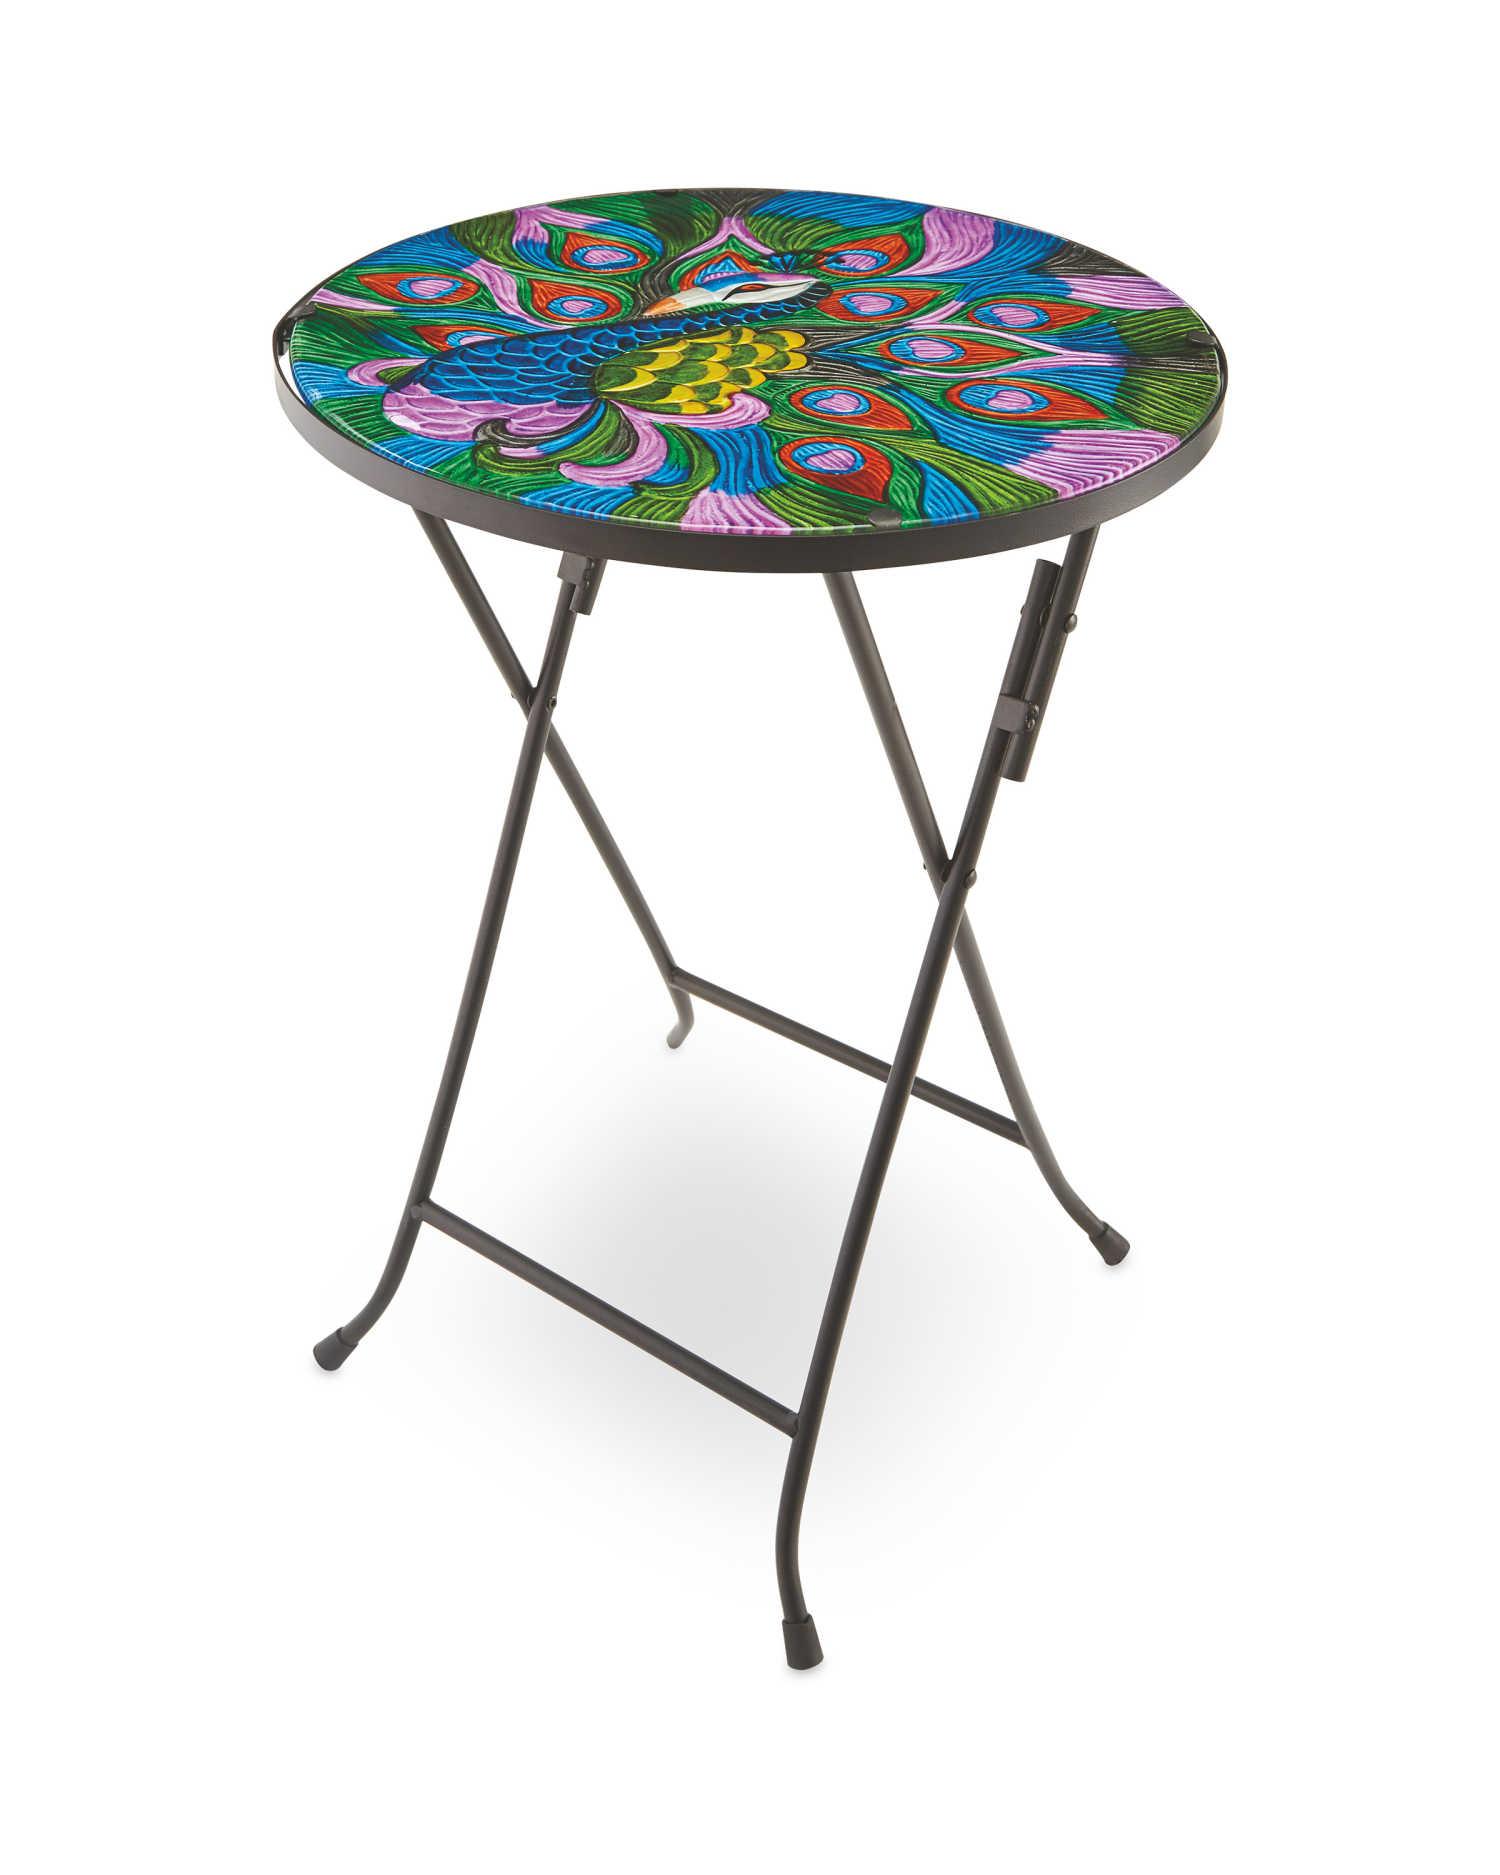 Decorative Peacock Glass Table - £12.99 / £15.94 delivered @ Aldi